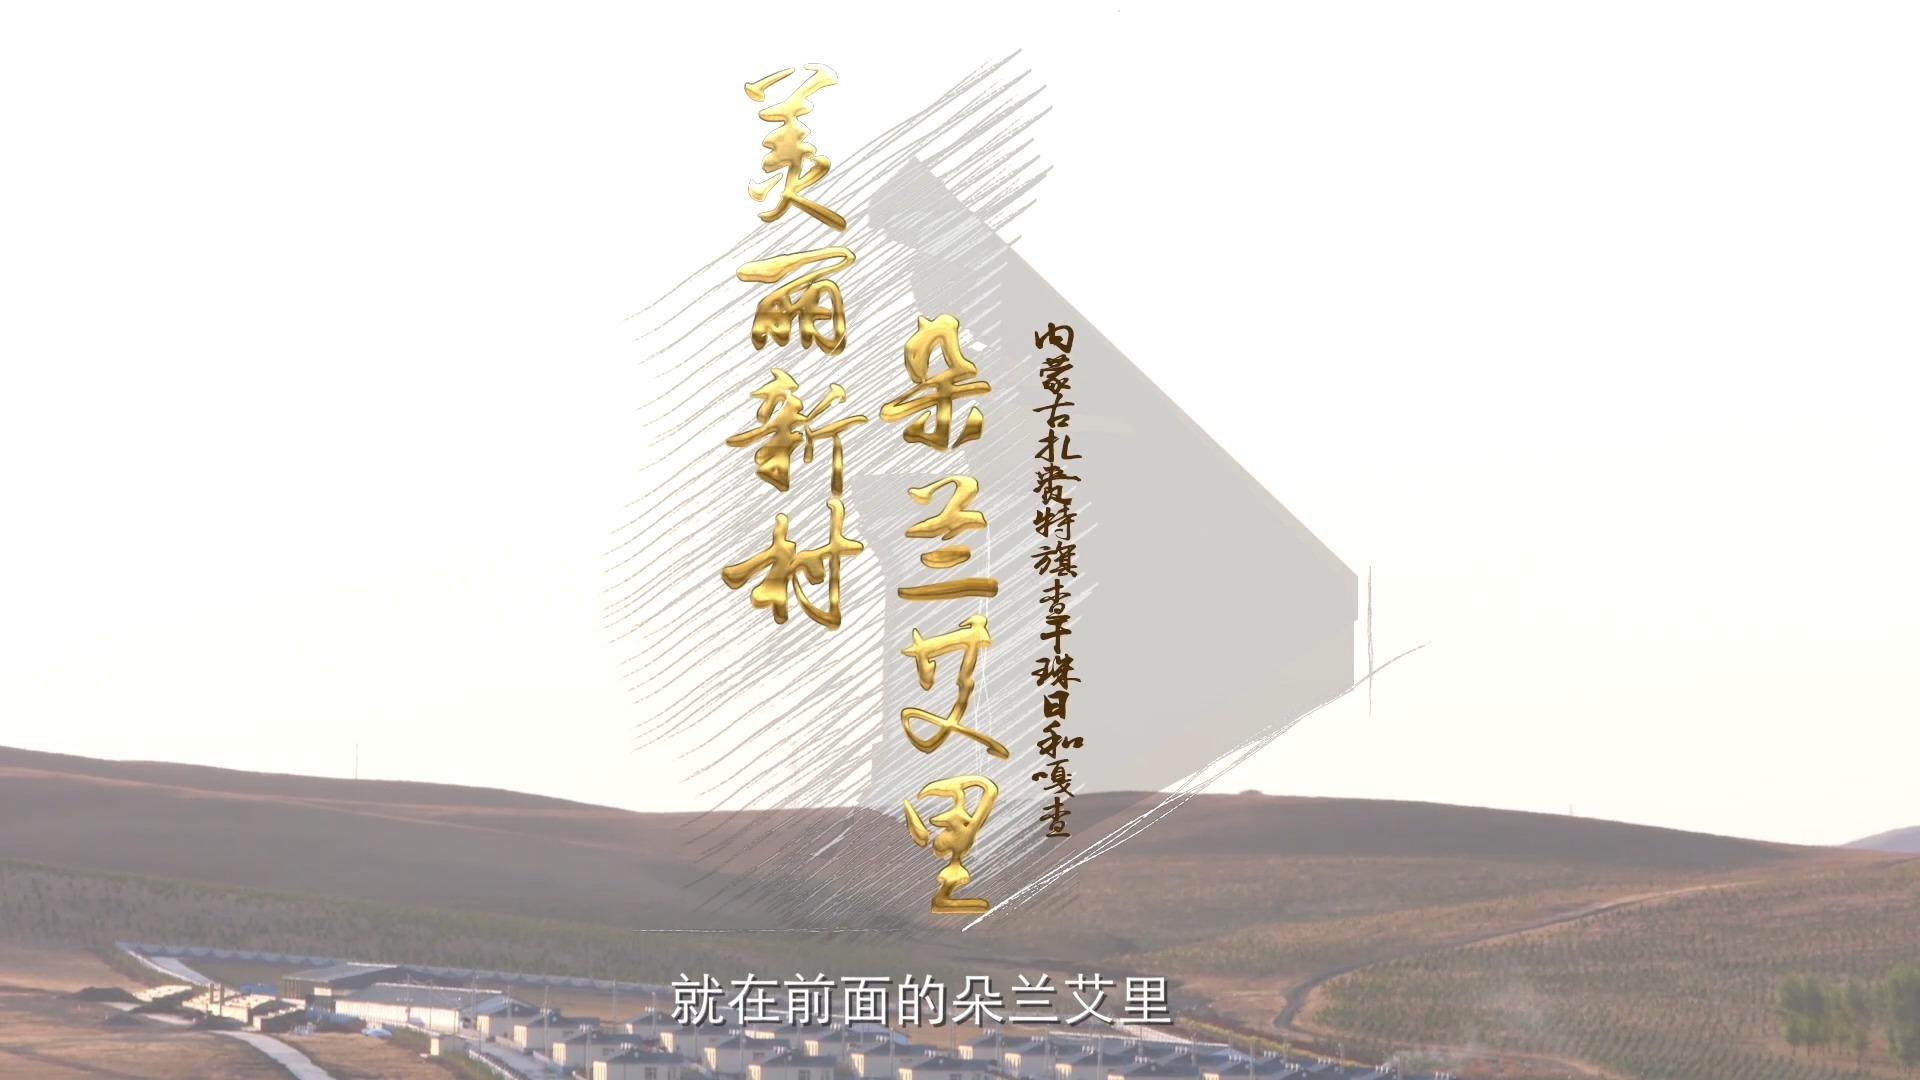 內蒙古查幹珠日和嘎查《美麗新村 朵蘭艾裏》